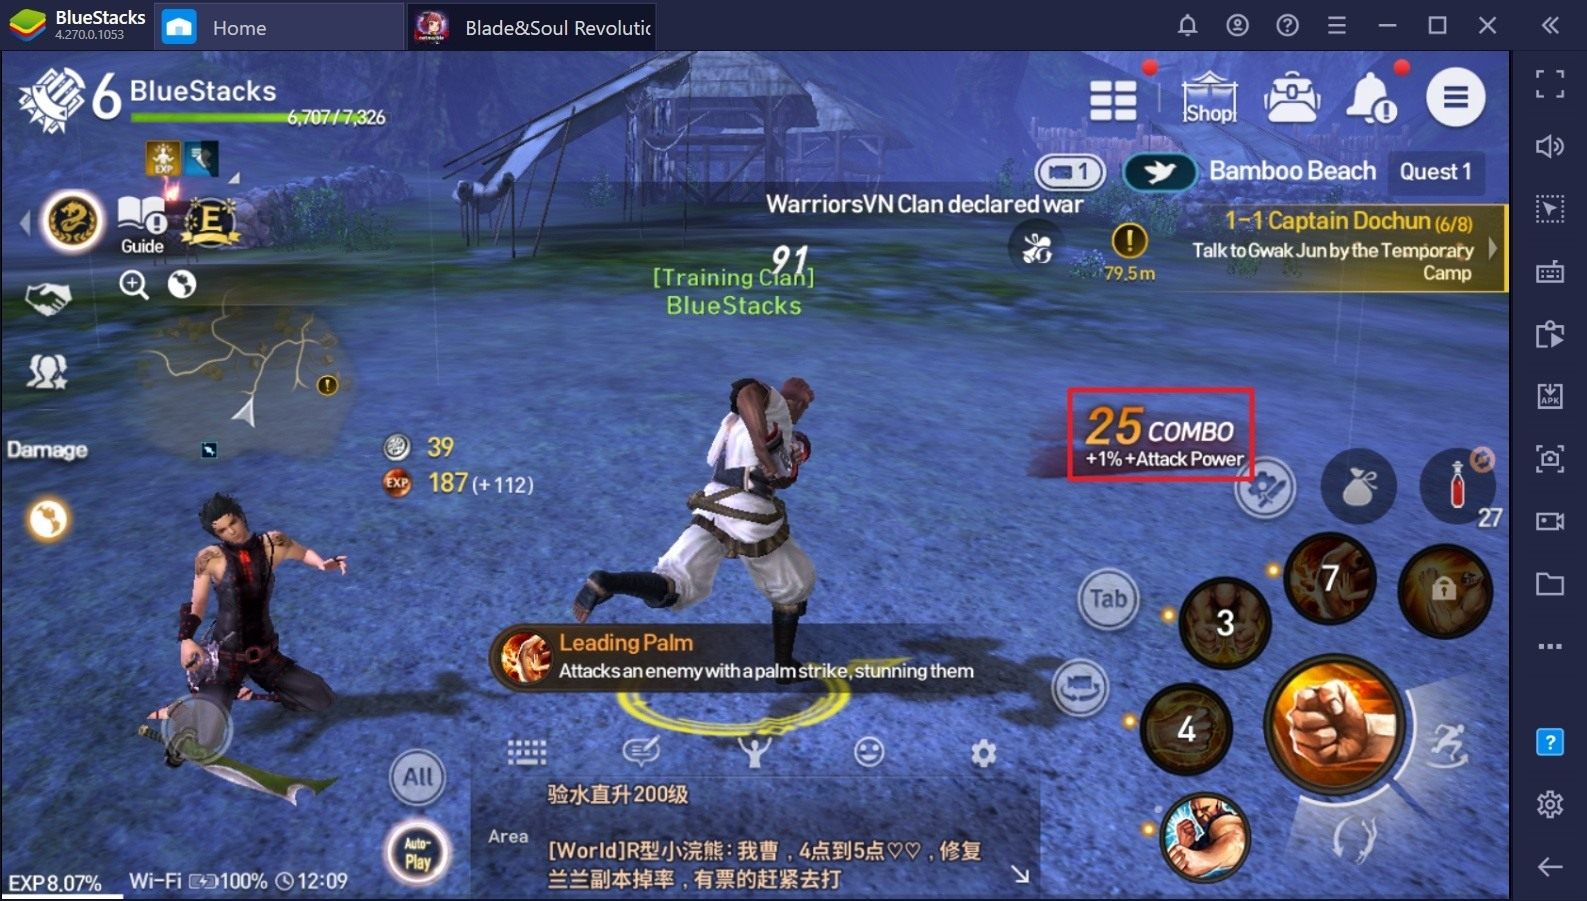 Blade & Soul Revolution trên PC: Cẩm nang chiến đấu dành cho người mới